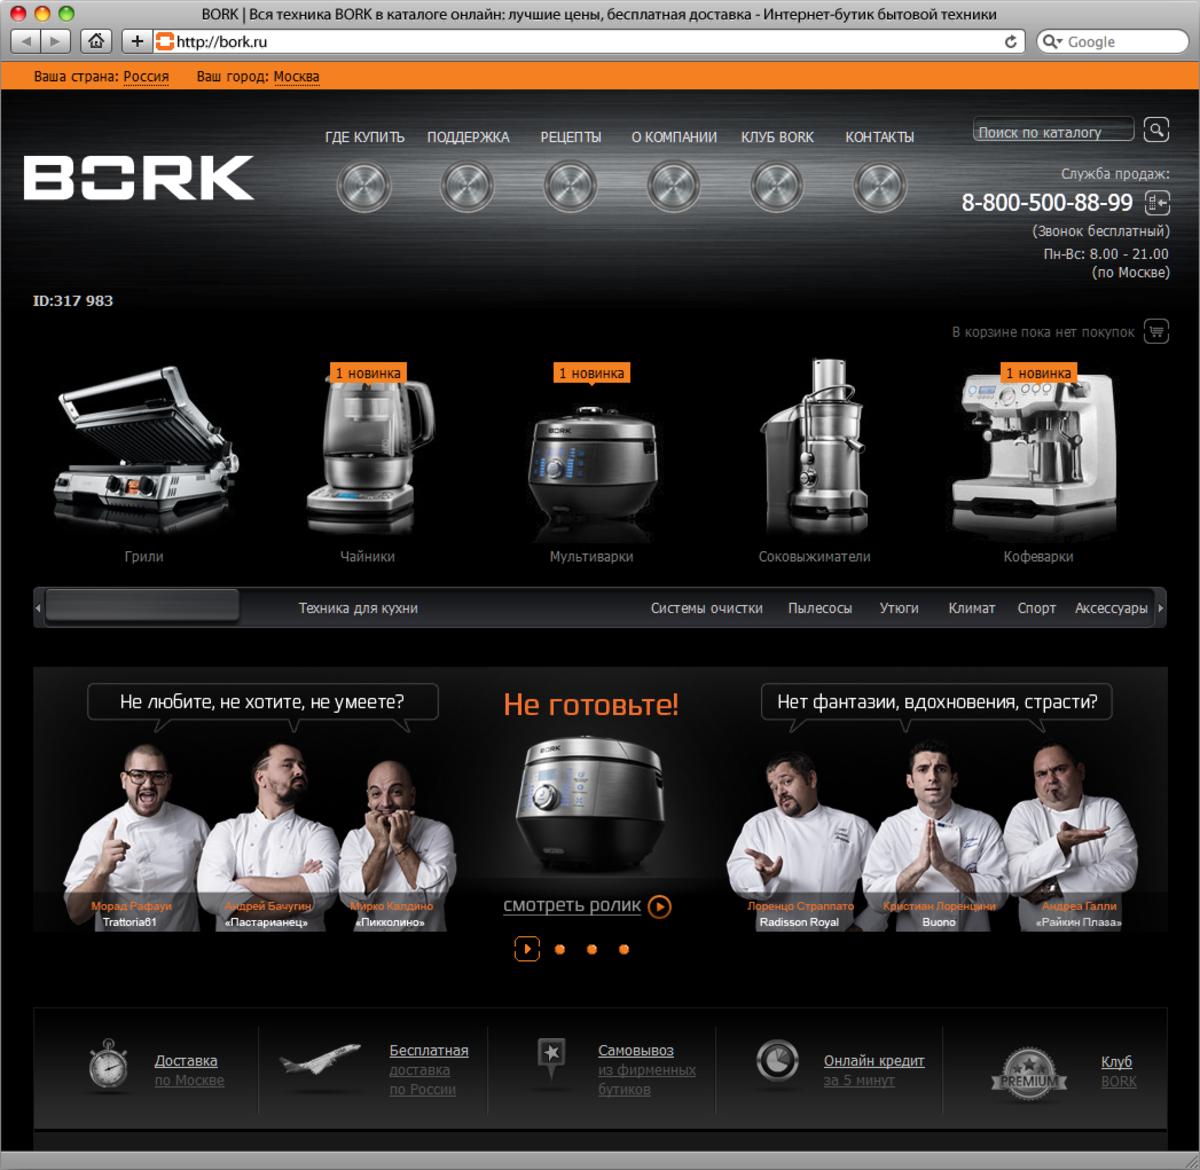 Официальный сайт и интернет-магазин Bork / Проект компании Дизайн-студия «Diax»